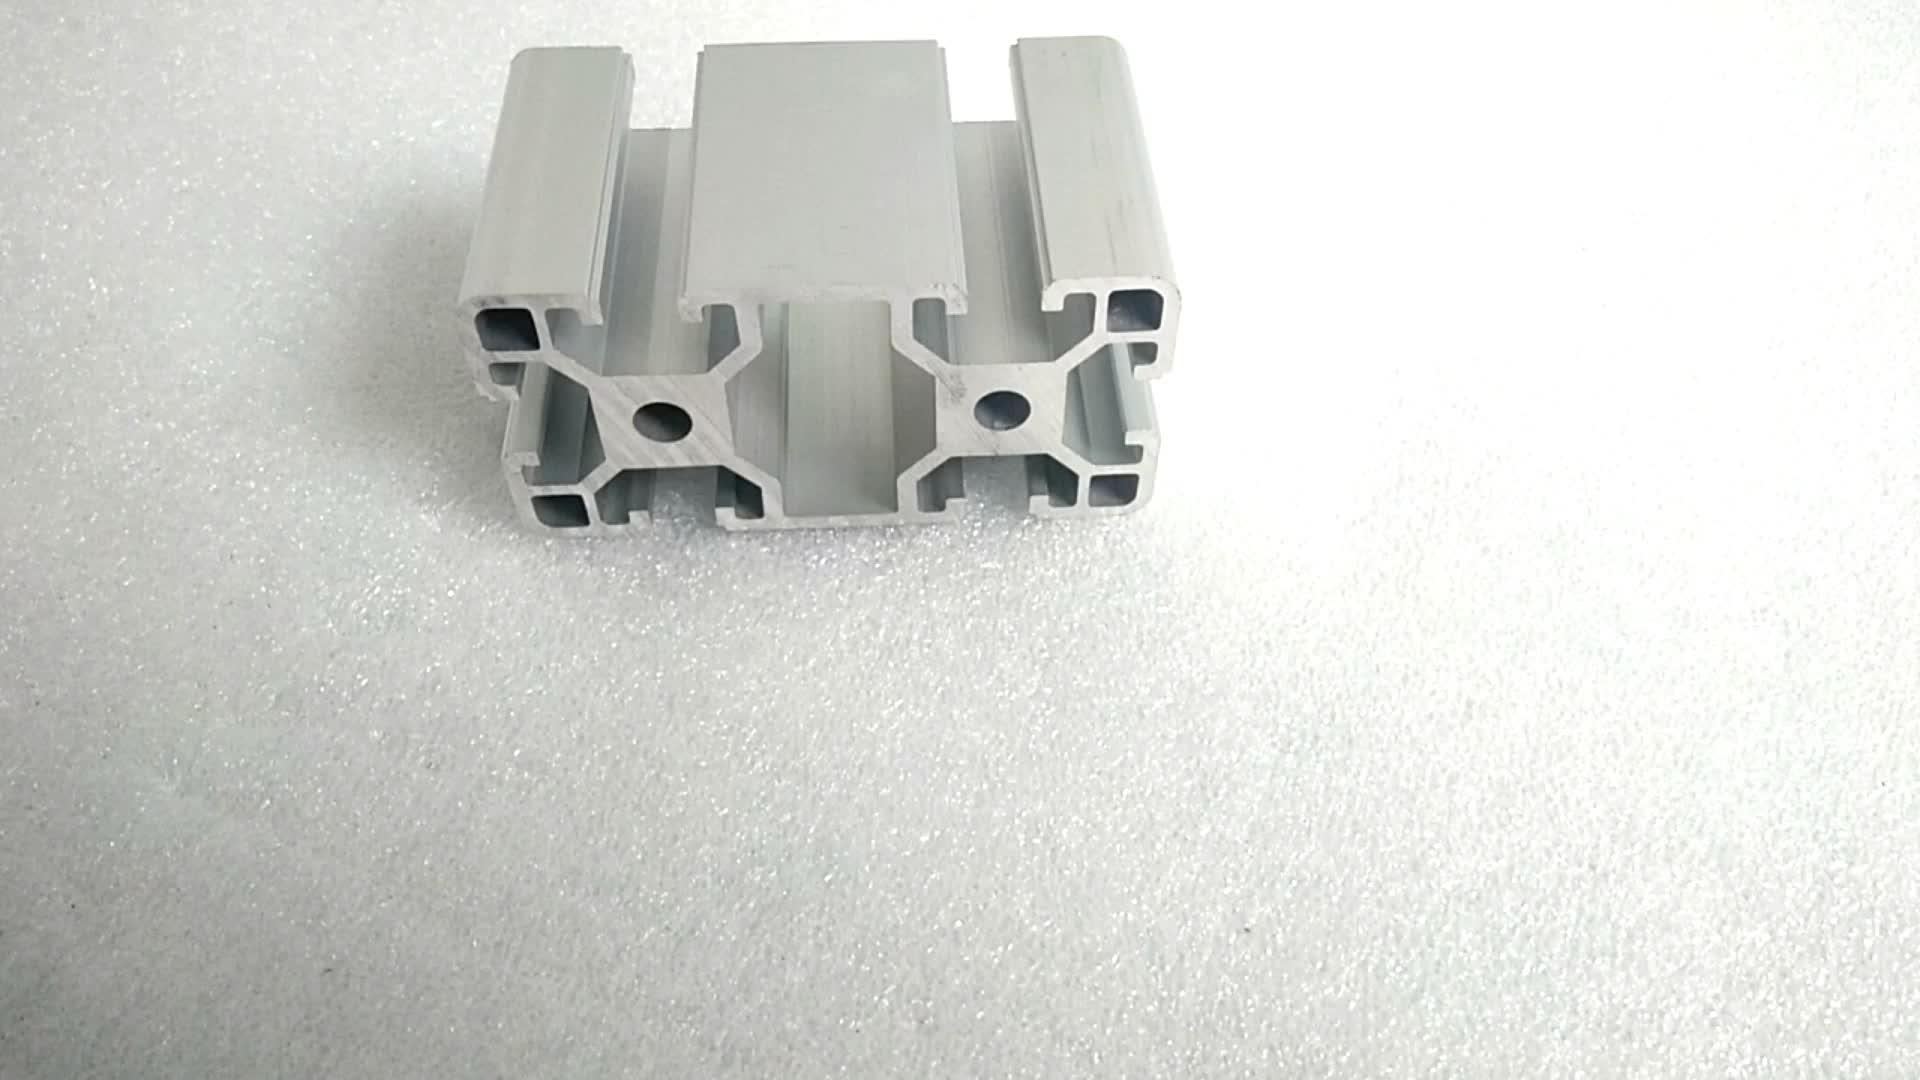 टी स्लॉट 4040 श्रृंखला औद्योगिक एल्यूमीनियम प्रोफ़ाइल 40x40mm बाहर निकालना 6063 t5 मानक बड़े एल्यूमीनियम प्रोफाइल extrusions